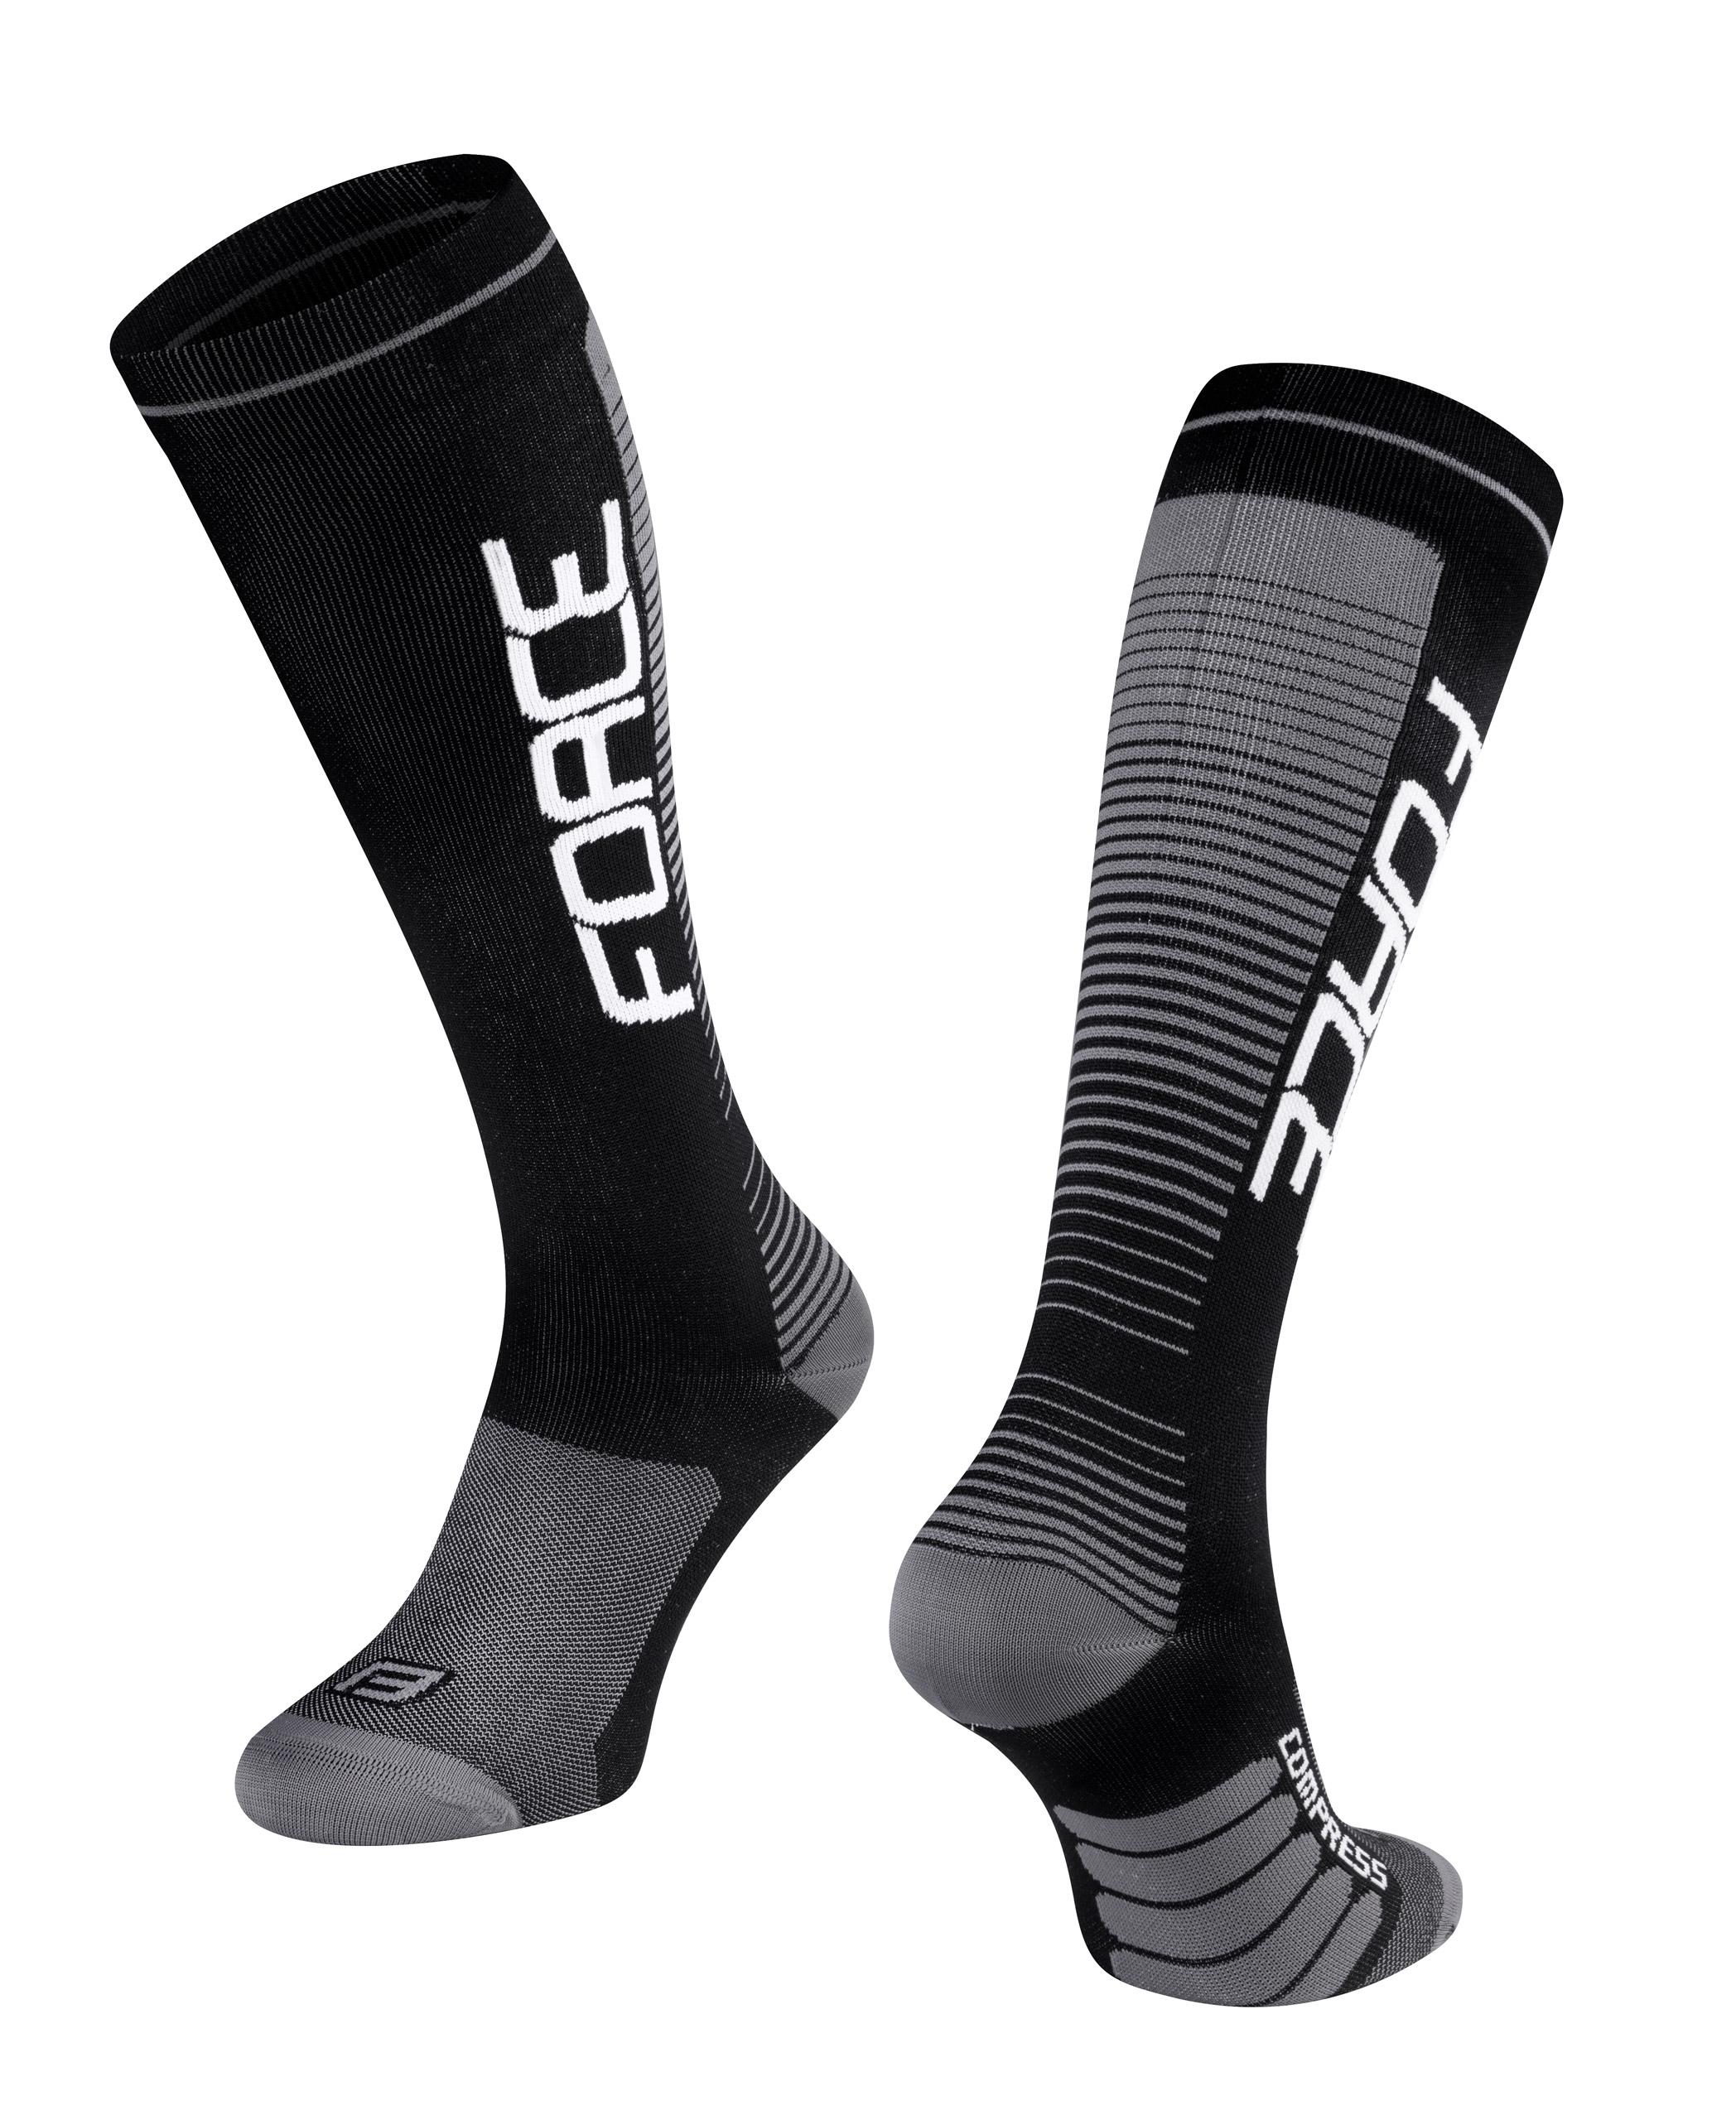 ponožky F COMPRESS, černo-šedé L-XL/42-47